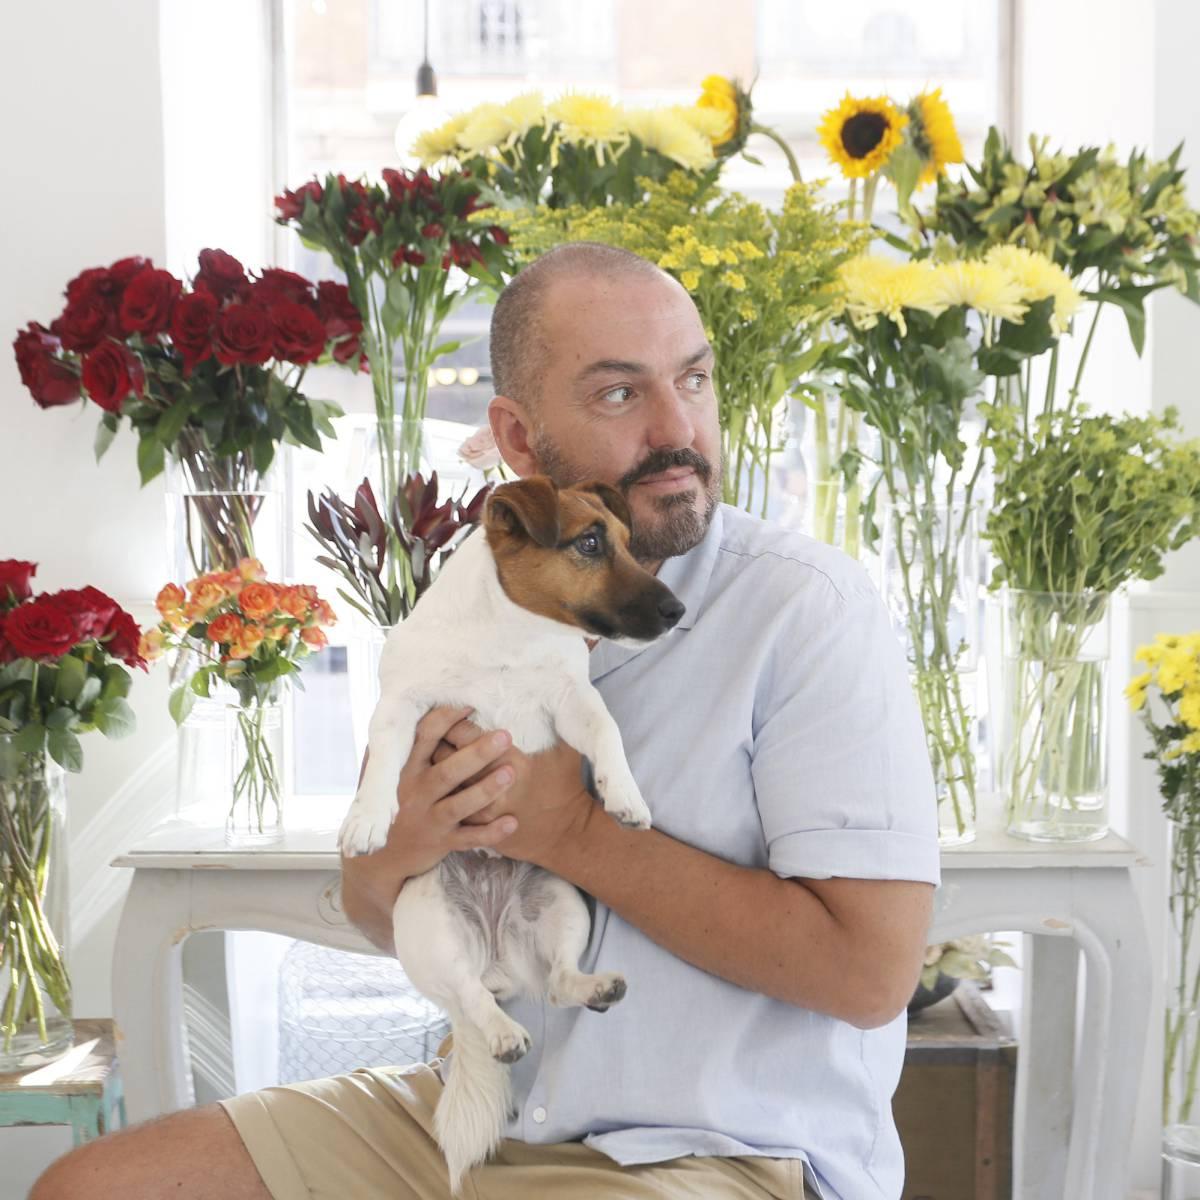 """El diseñador de moda Duyos posando en la floristería """"Margarita se llama mi amor""""."""